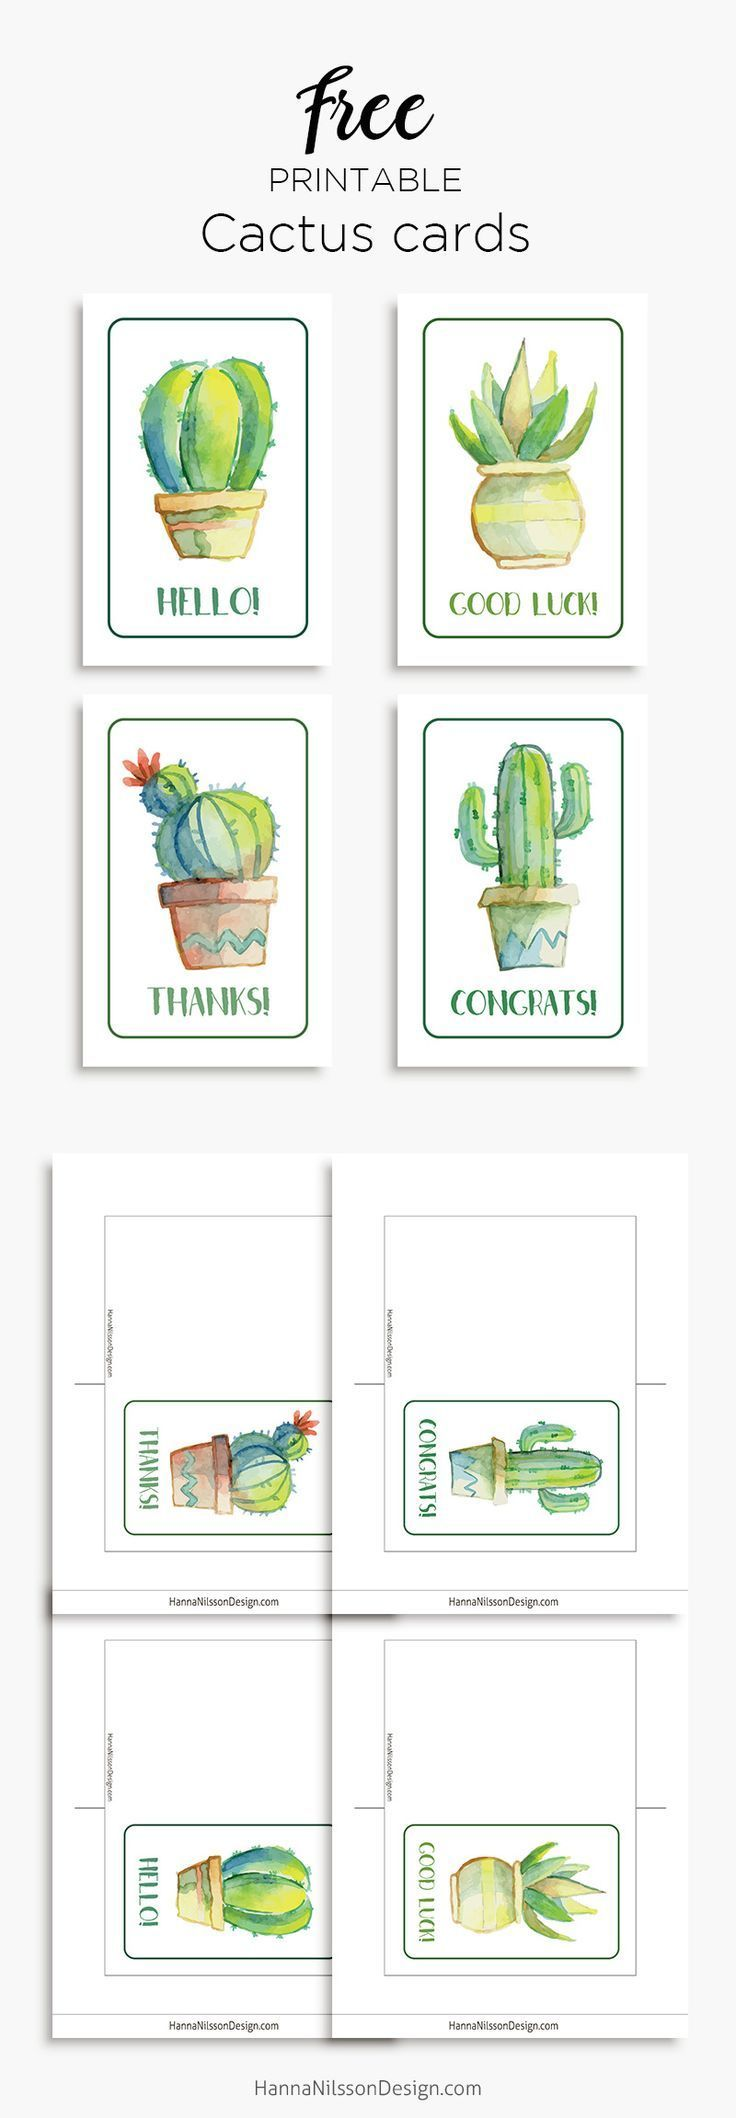 Printable cactus cards  Good luck Hello Thanks Congrats Printable cactus cards  Good luck Hello Thanks Congrats